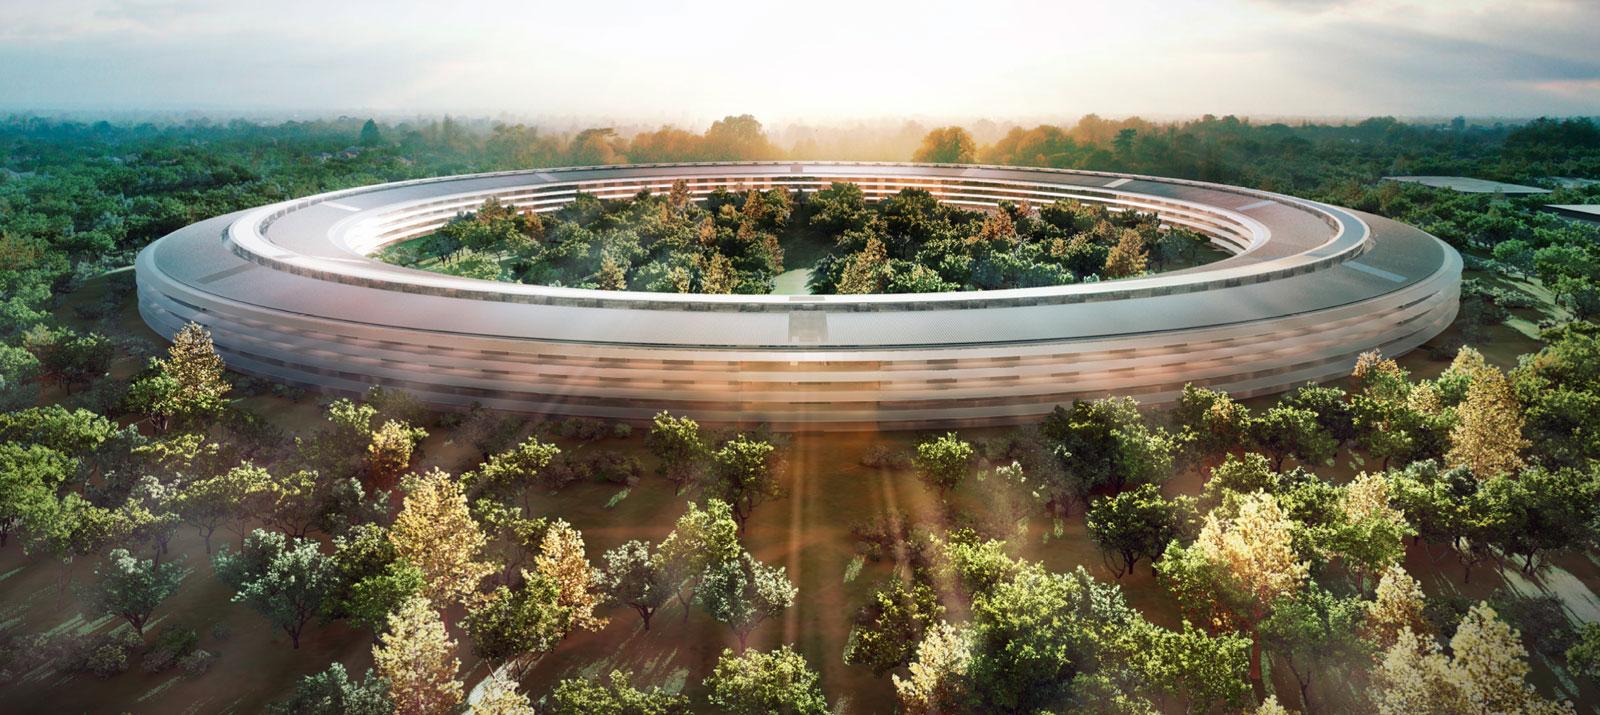 apple-campus-2-uzay-ussu-2